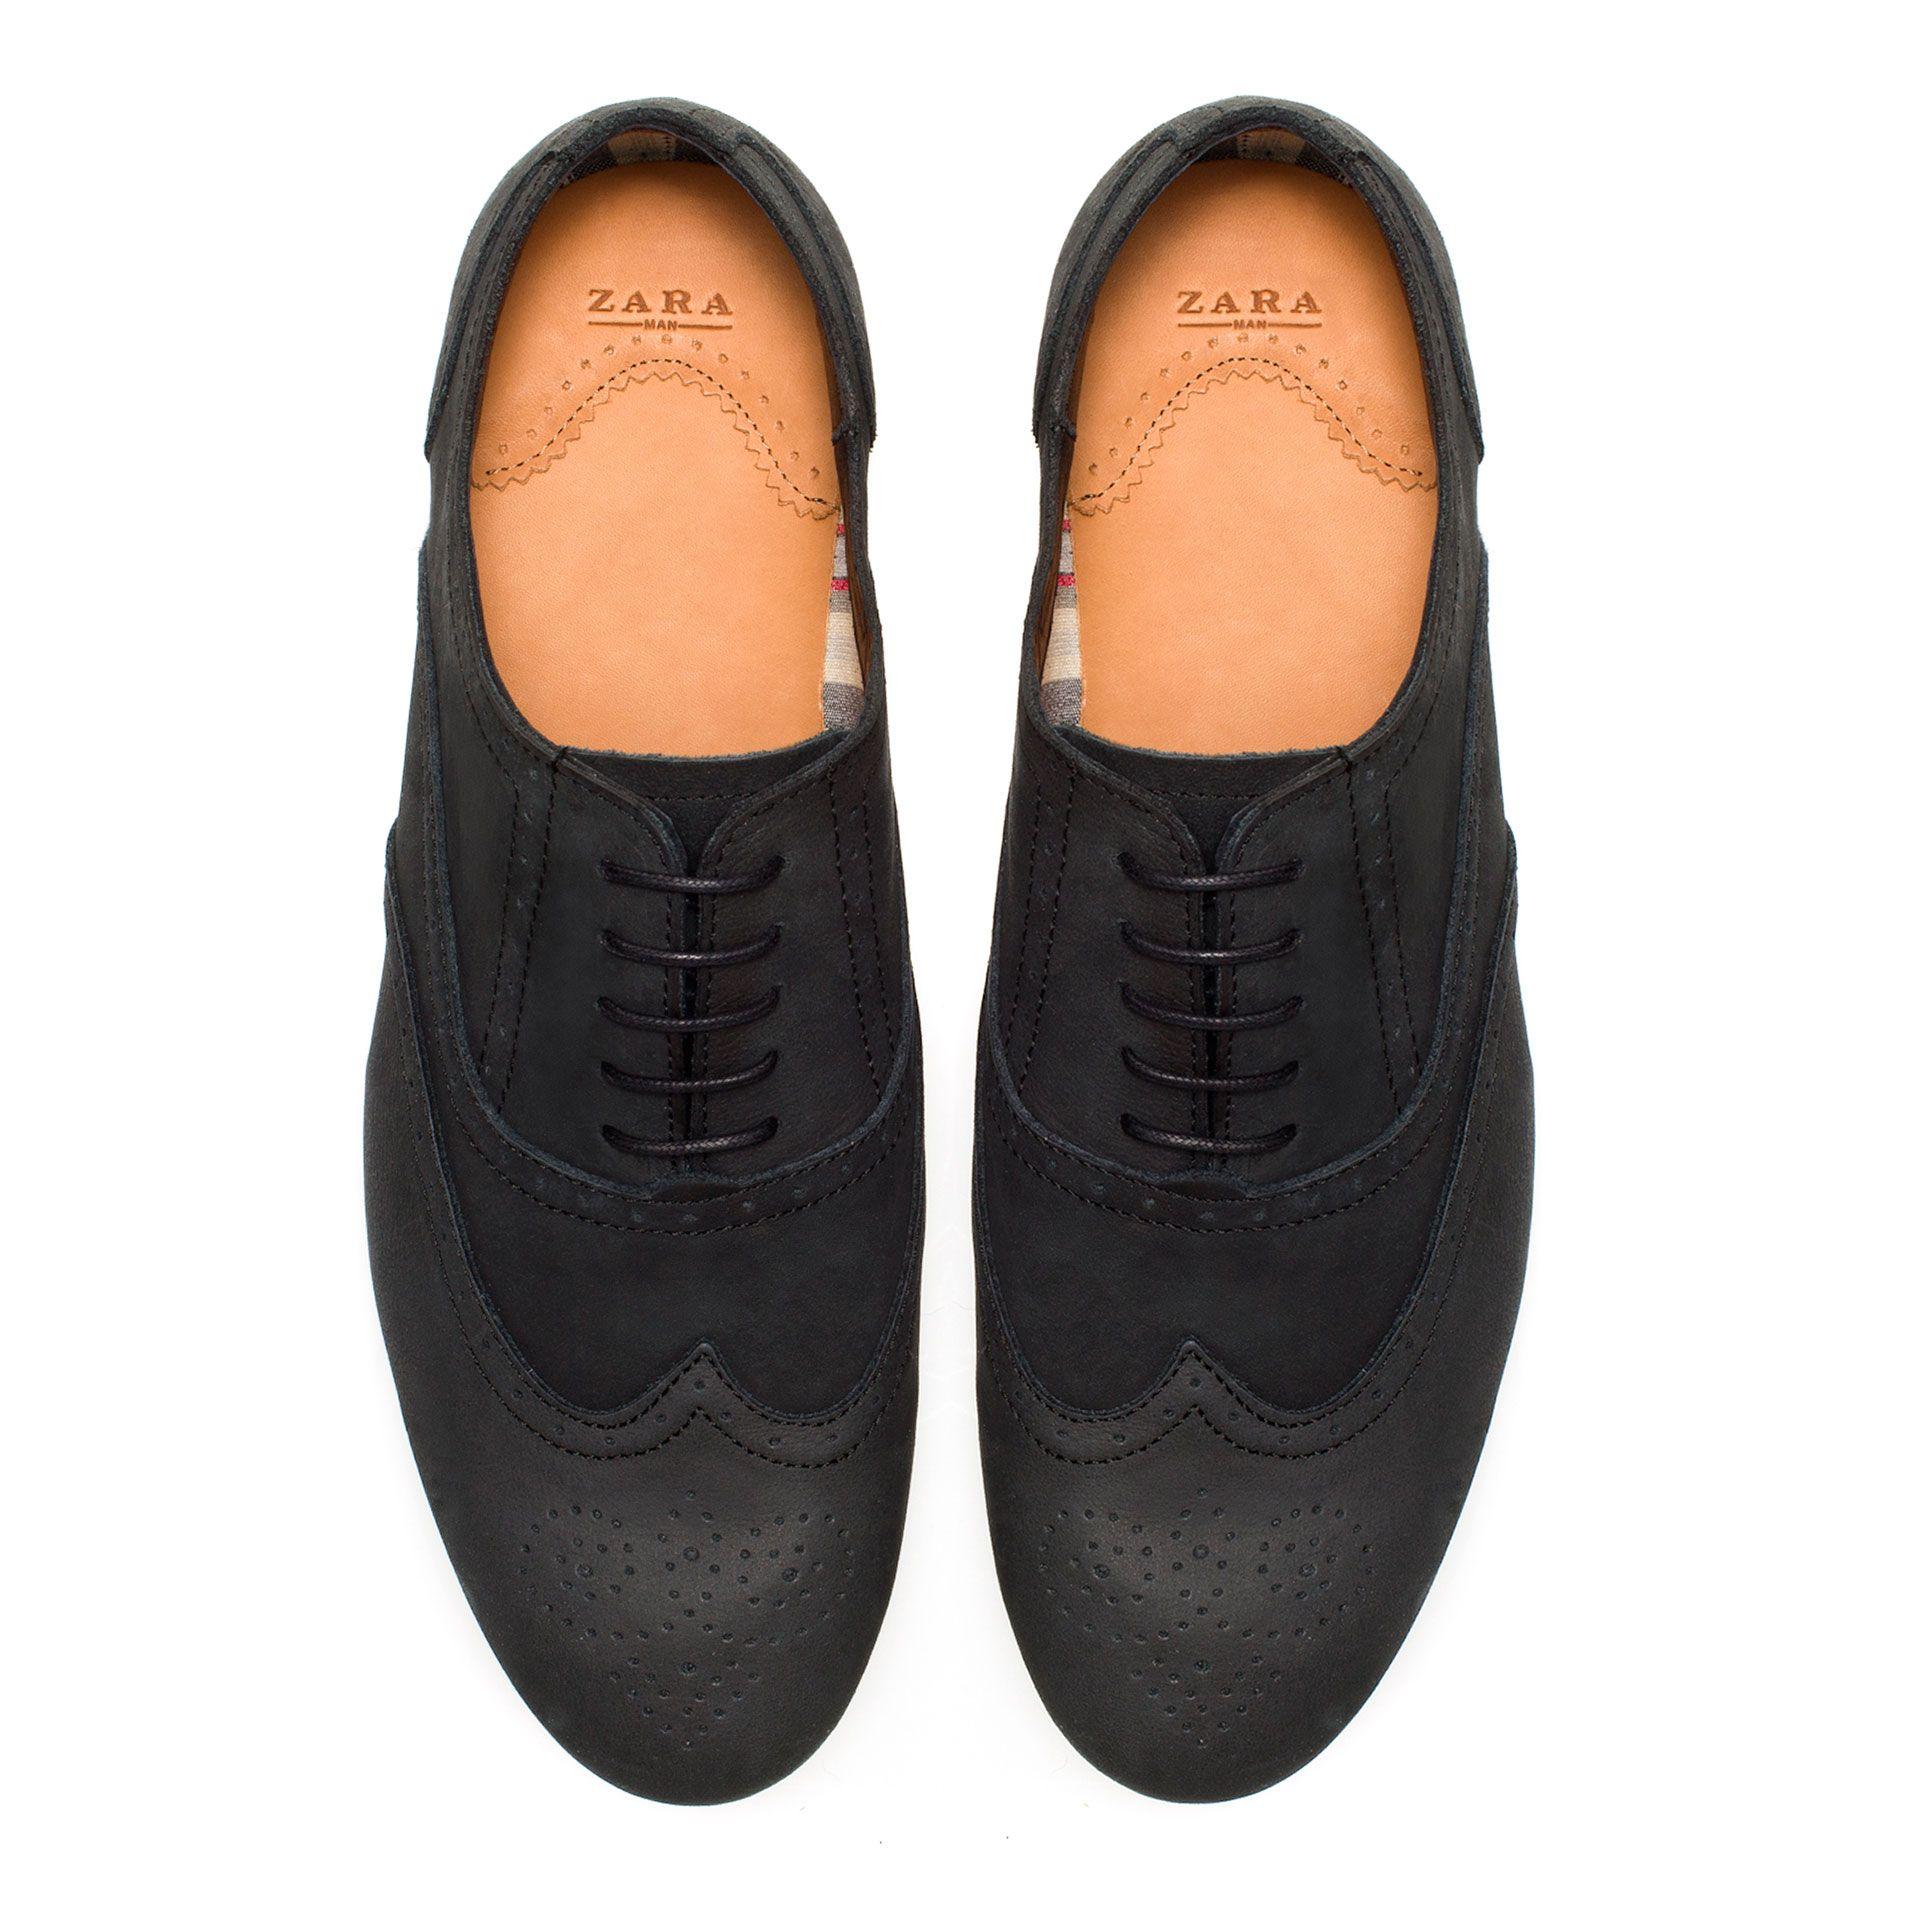 d5766efed9d9c Slim Zapatos Hombre Zara El Picados Salvador 88wqr6p